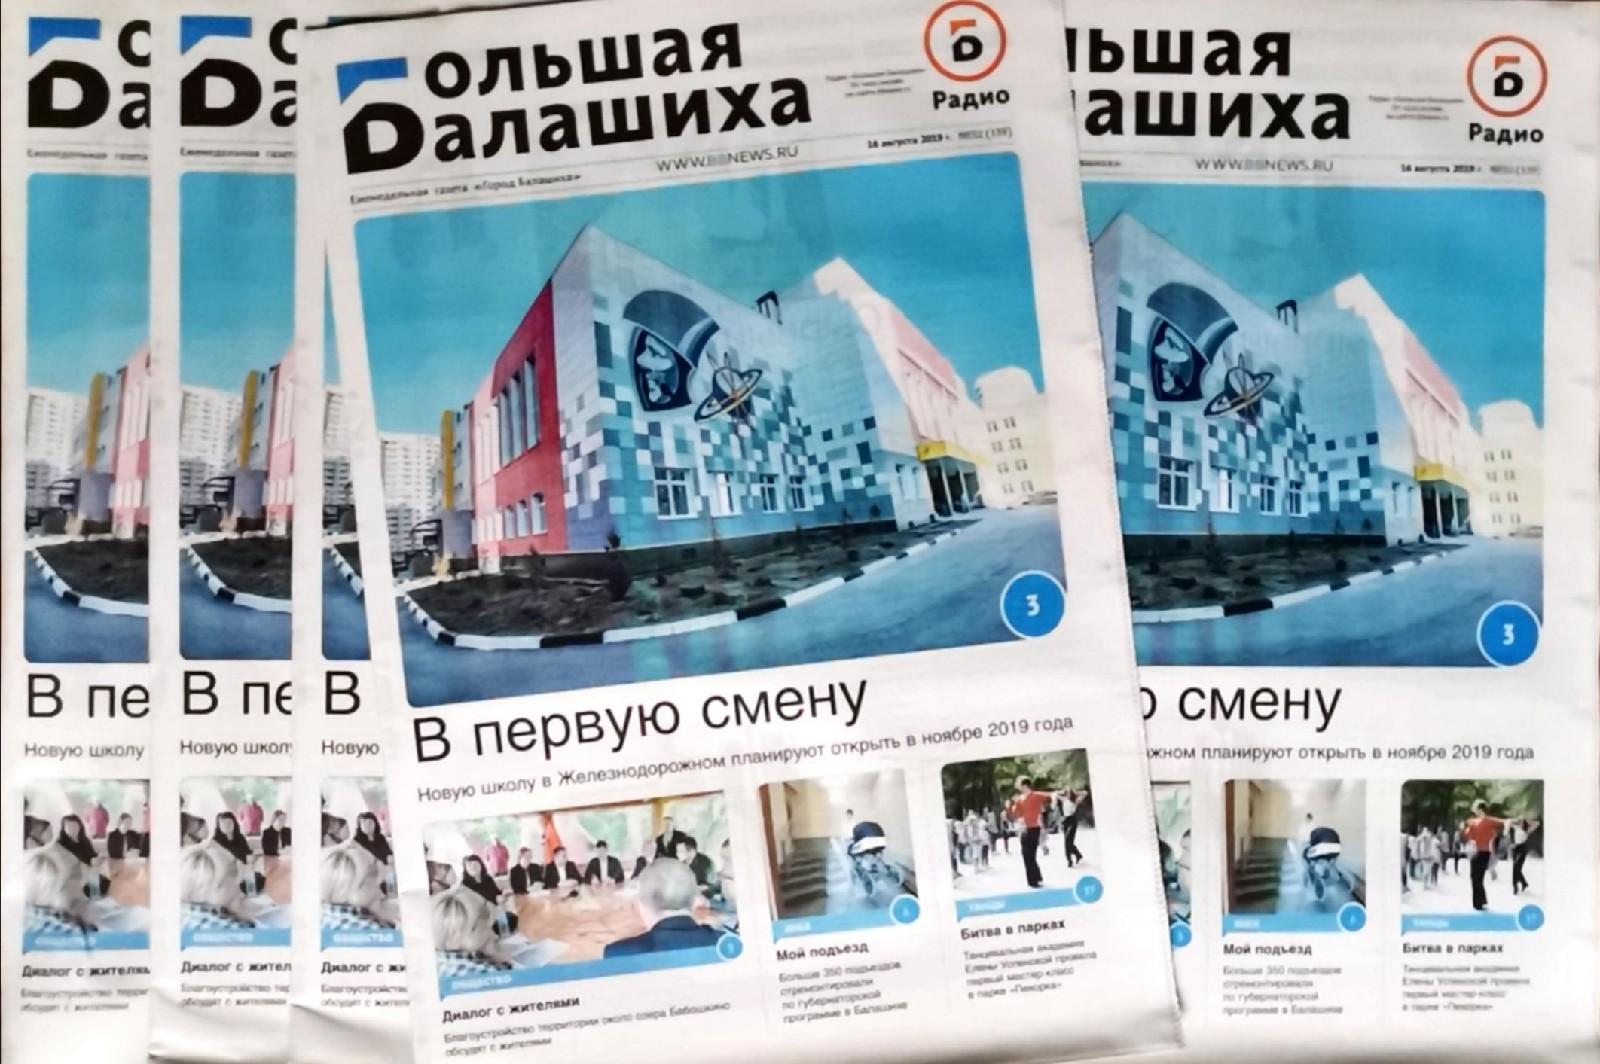 Вышла газета «Город Балашиха» №32 (139)